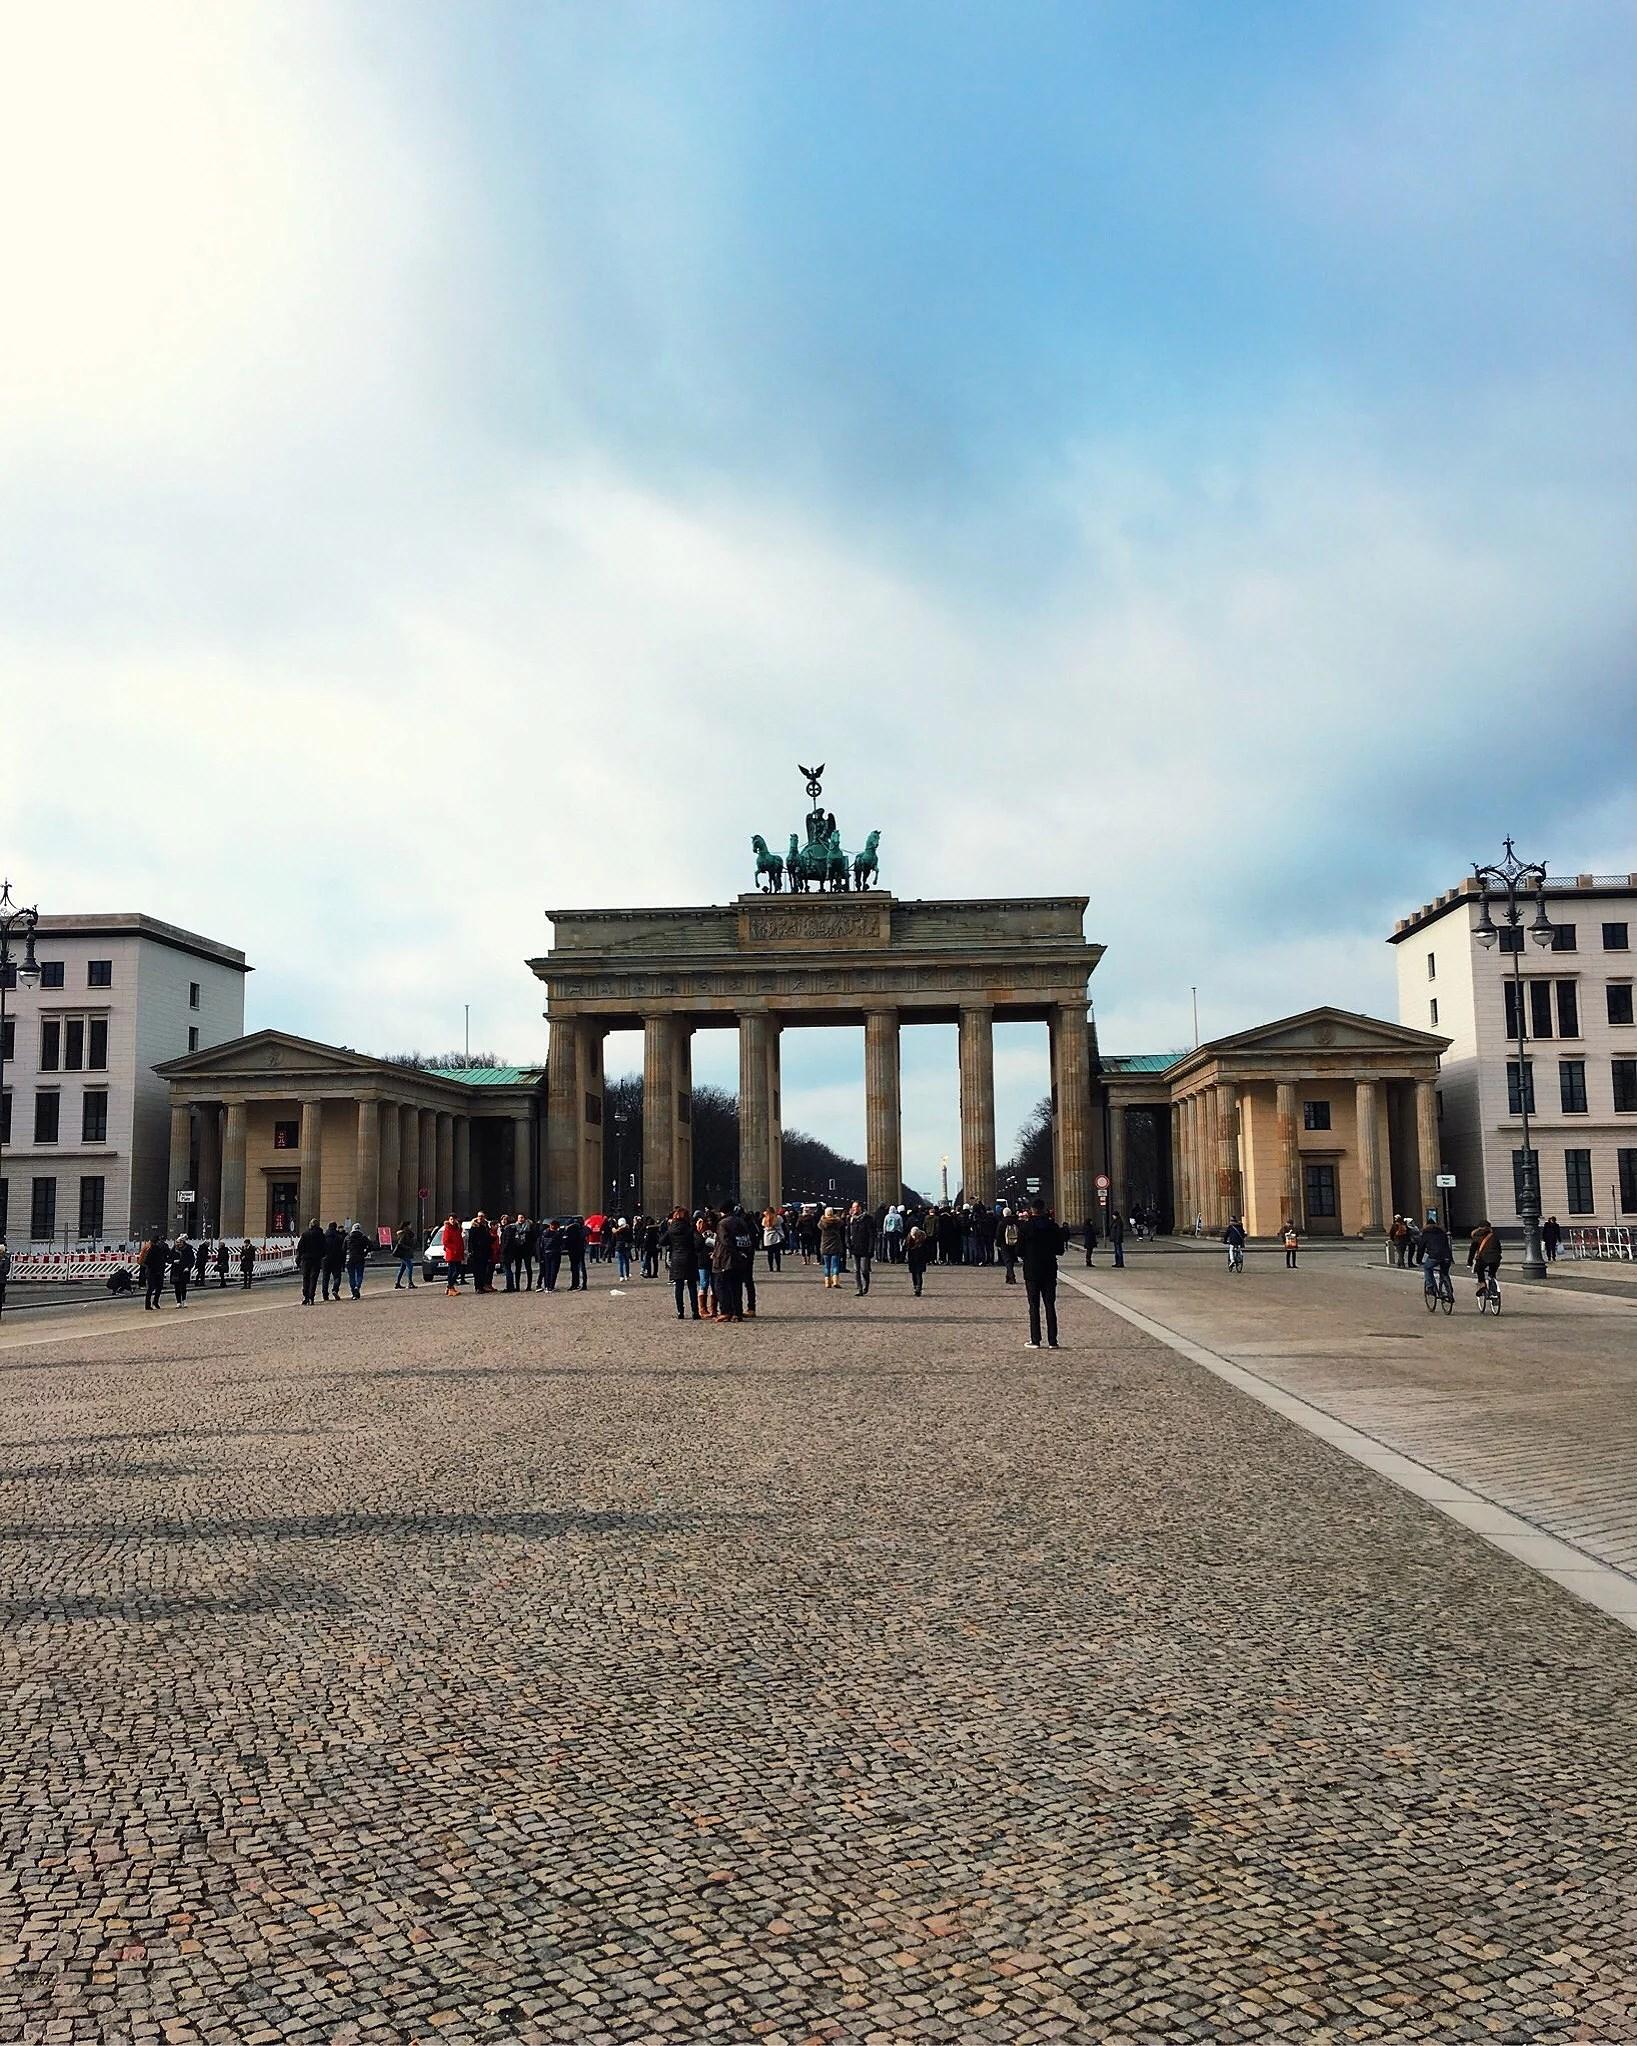 BACK FROM BERLIN!